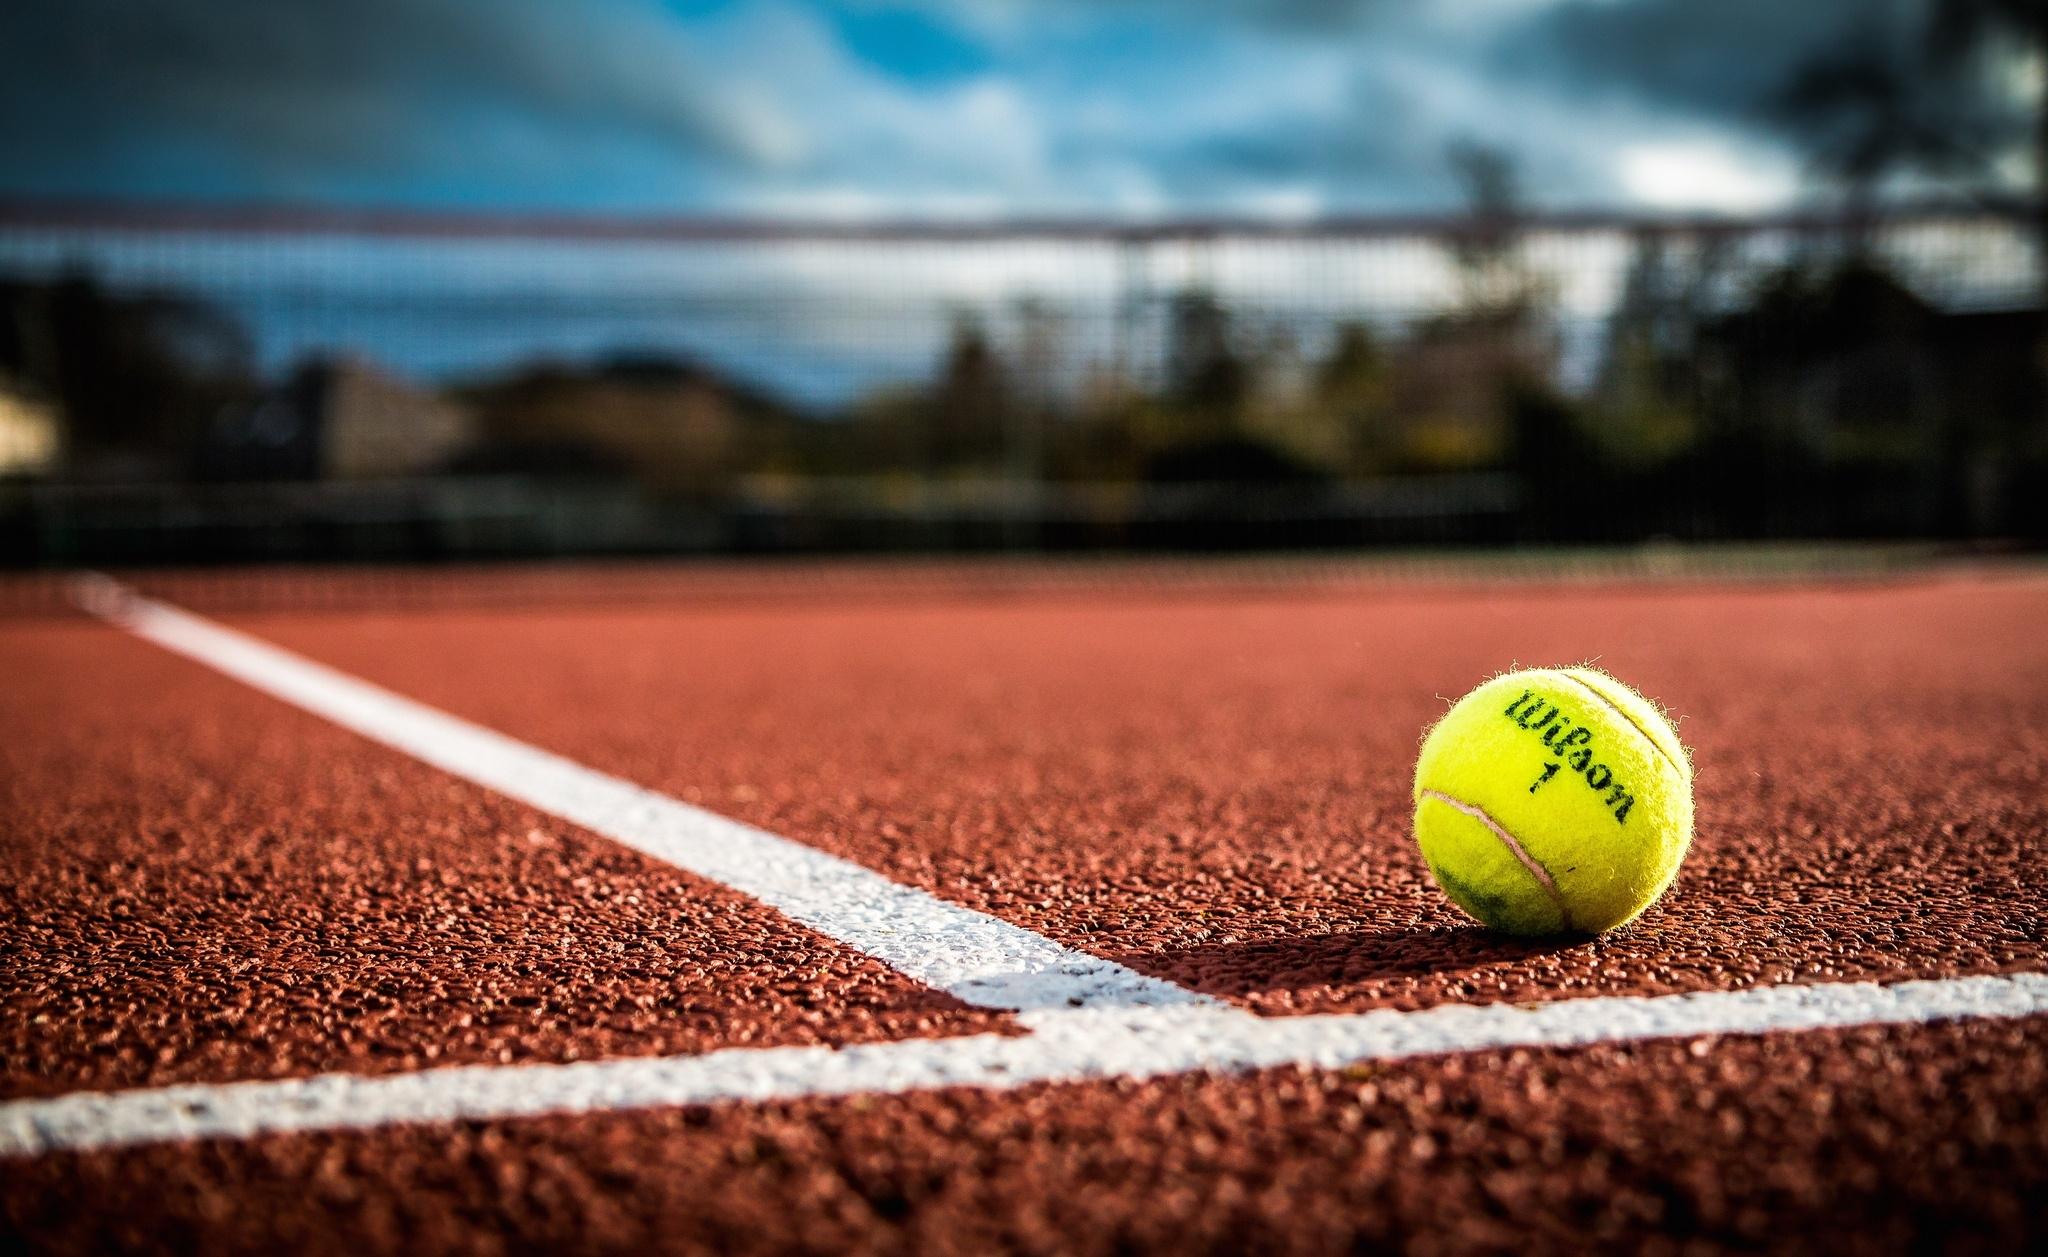 теннисный мяч  № 1367128 загрузить